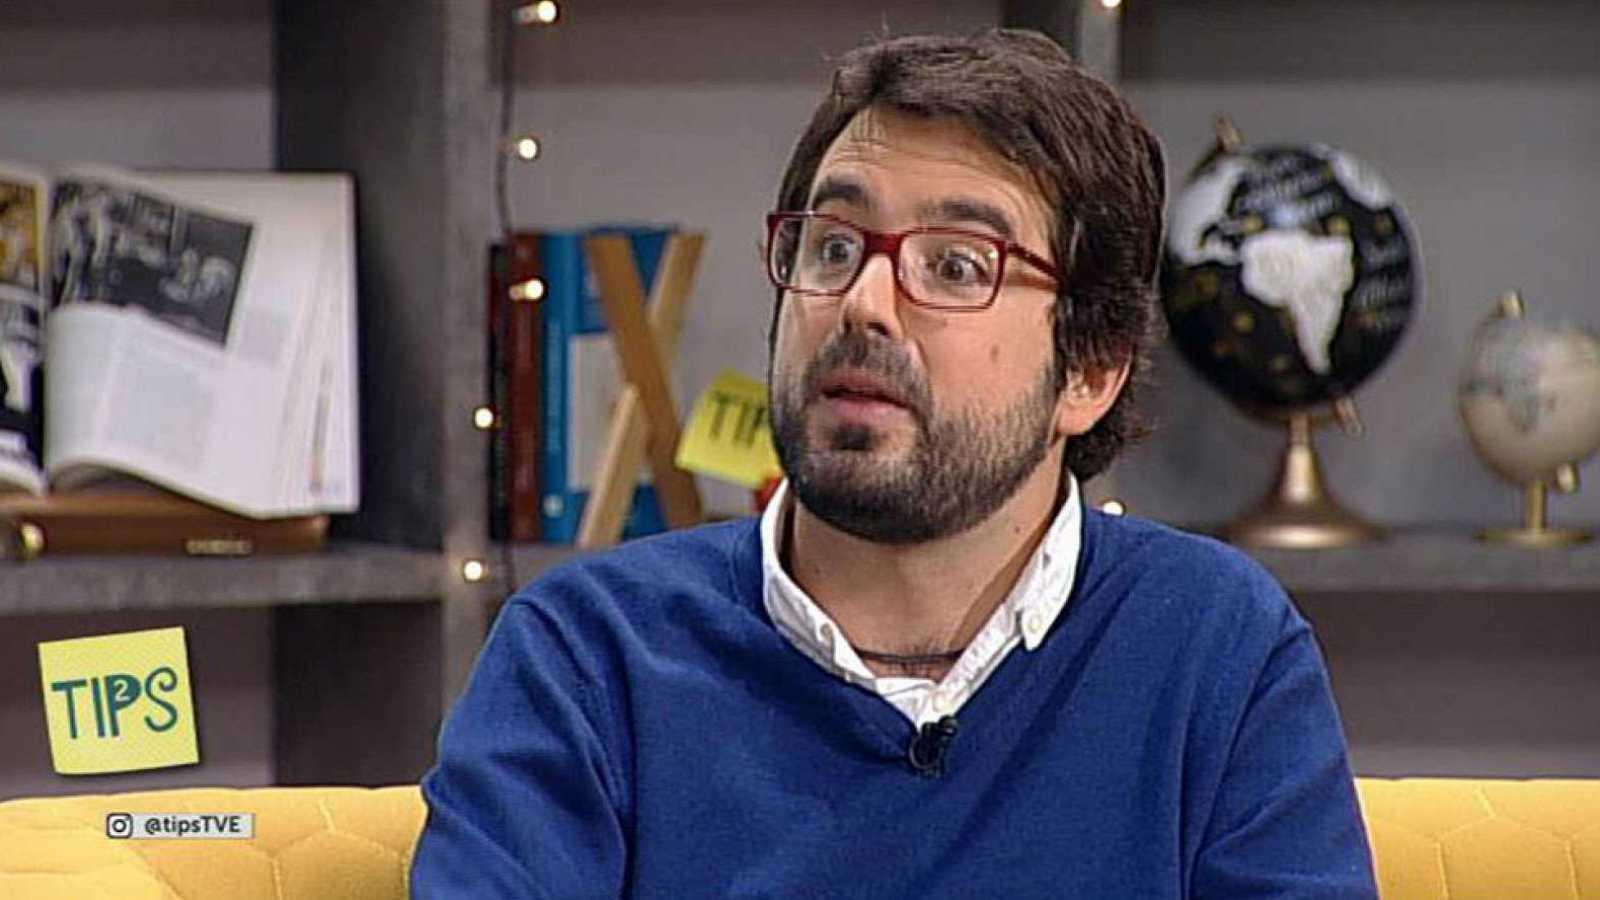 Complementarios - Borja Vilaseca y el altruismo - 16/9/18 - Escuchar ahora